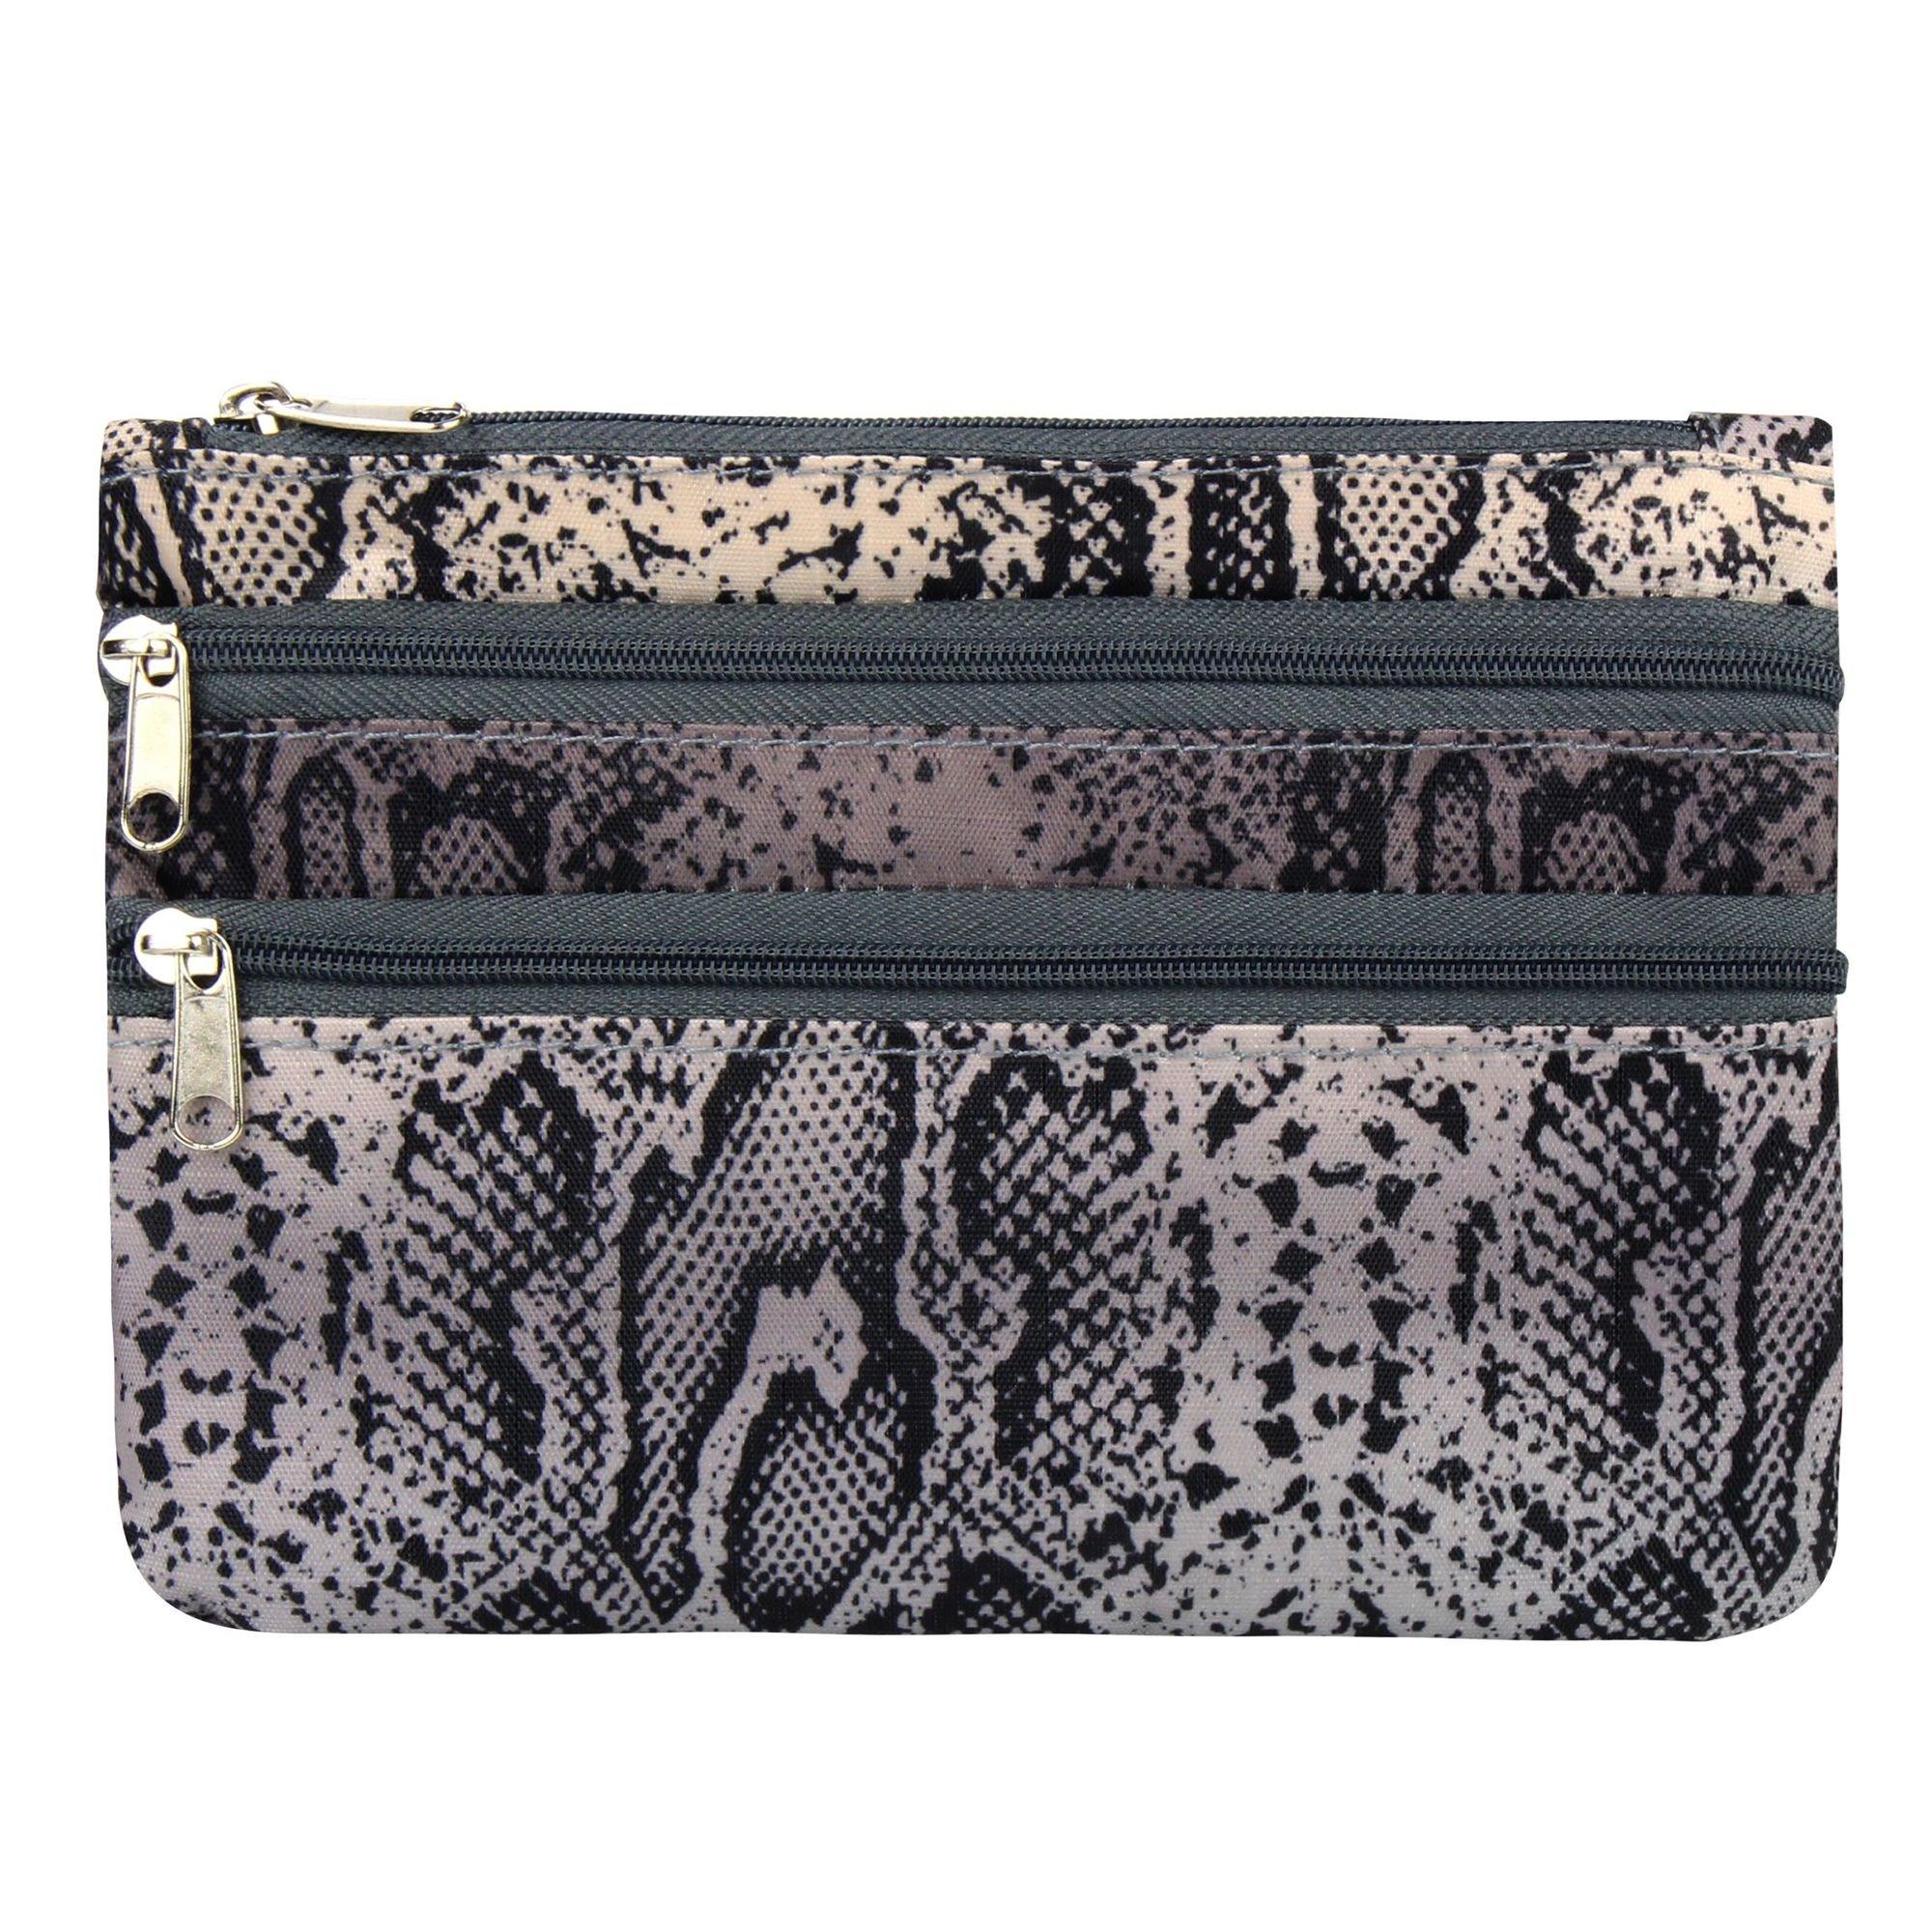 zodaca 여성용 휴대용 지퍼클로저 지갑 지갑 가방 카드지갑